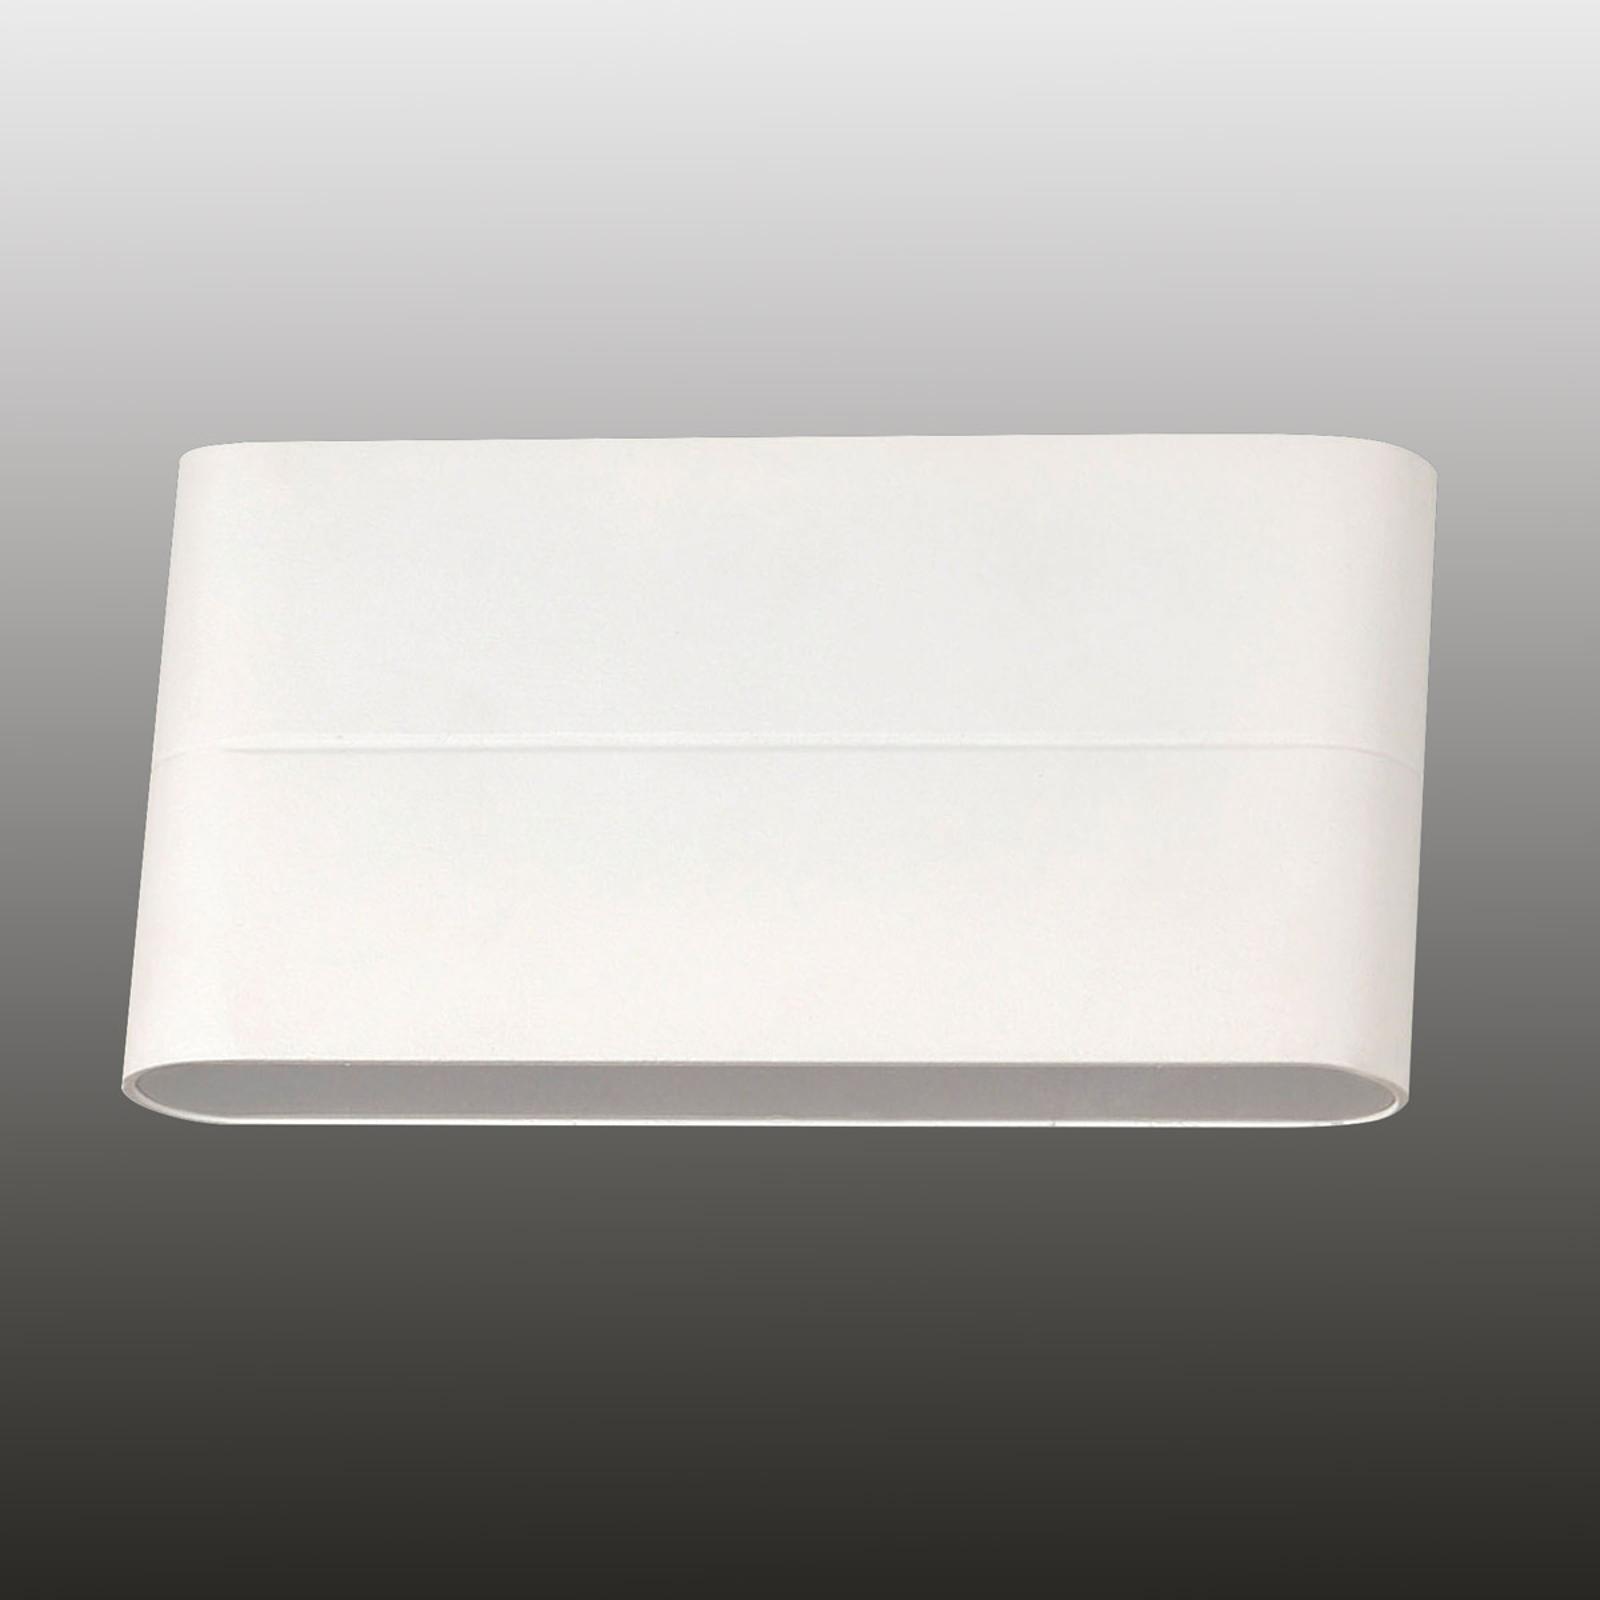 Casper - vit LED-vägglampa för utomhusbruk